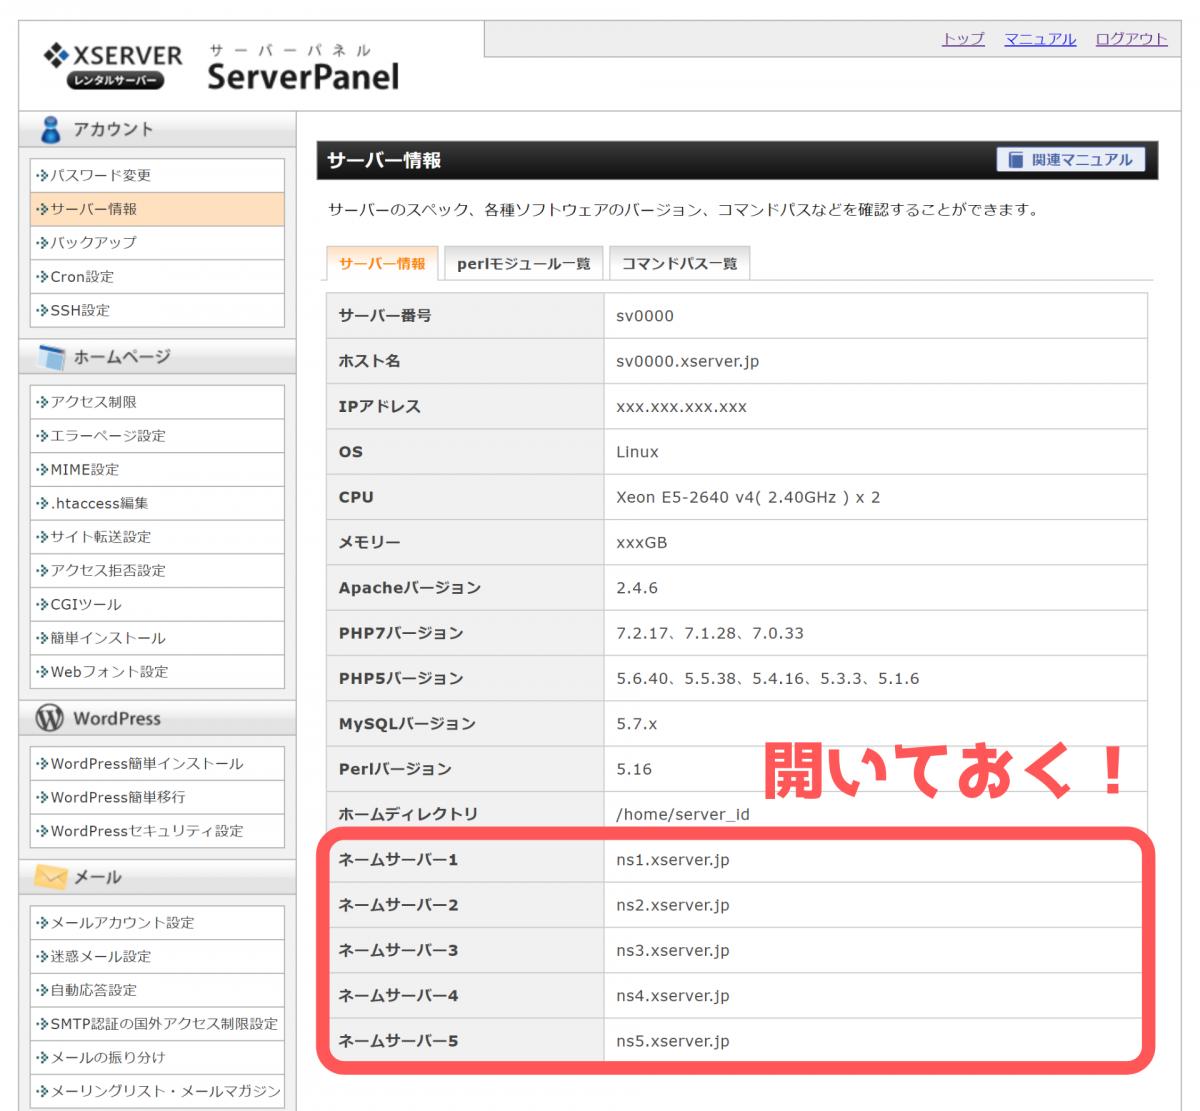 【エックスサーバー】サーバーパネルサーバー情報画面